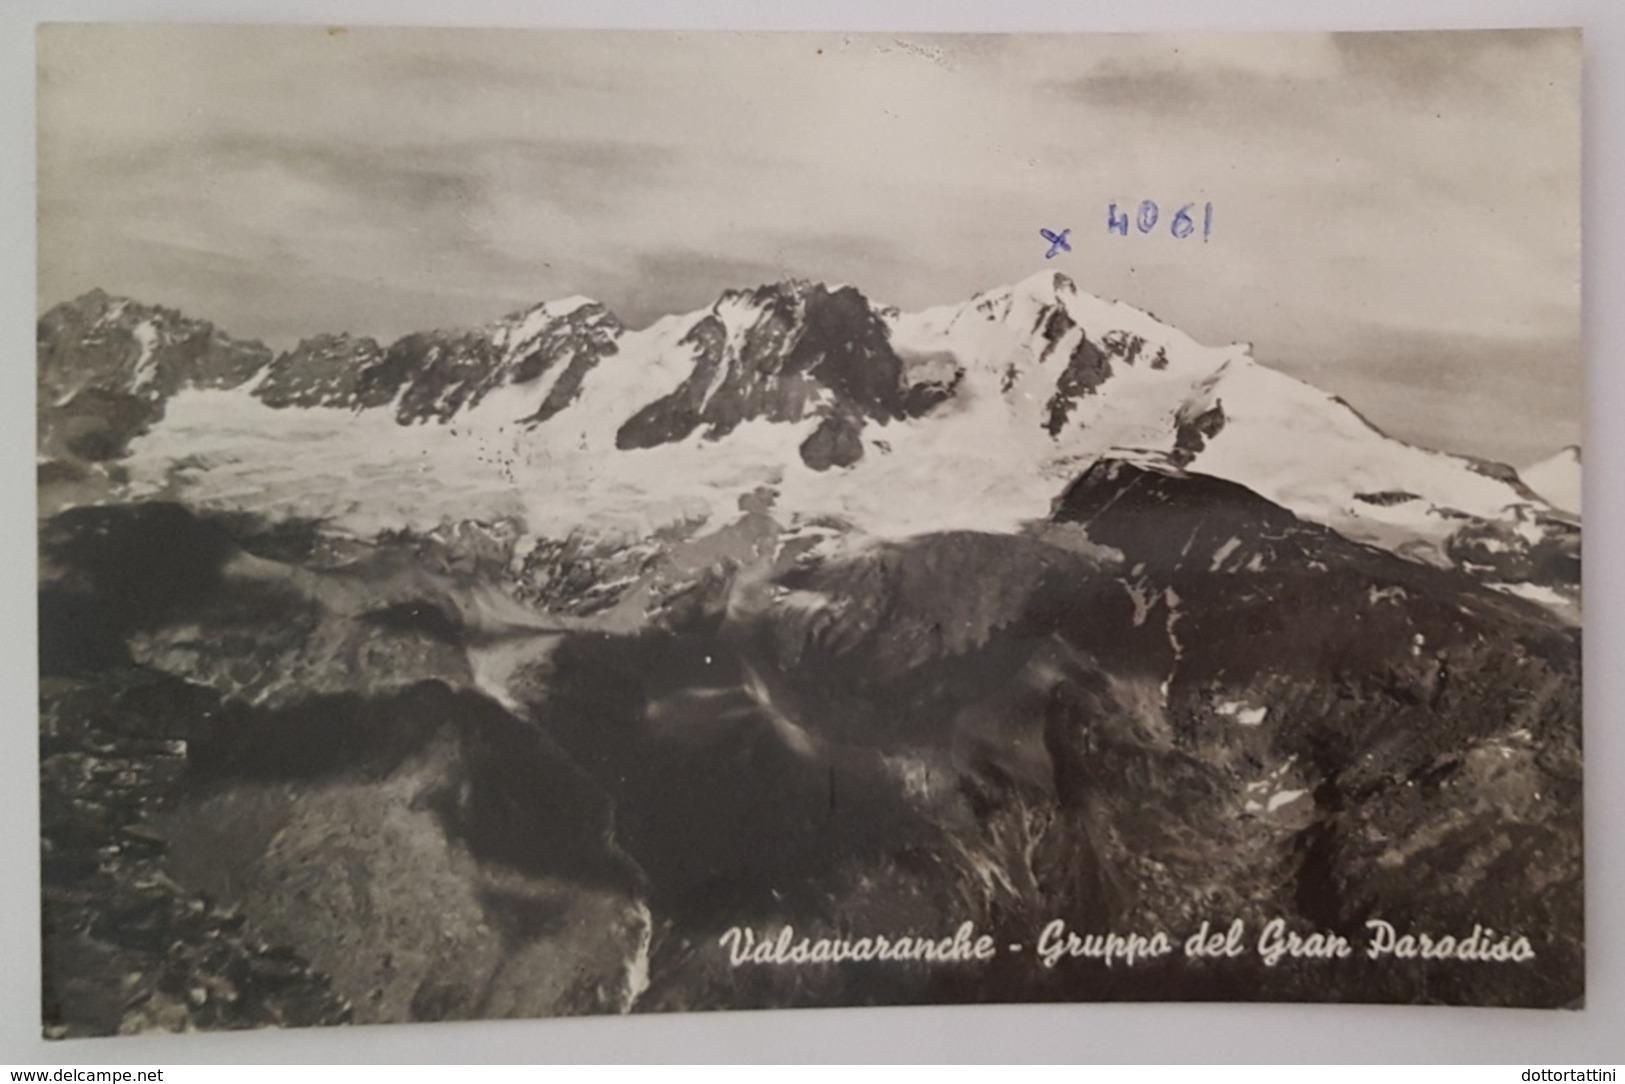 VALSAVARANCHE - Gruppo Del Gran Paradiso - Aosta - Rifugio Vittorio Emanuele Alpi Occidentali CAI - Vg - Altre Città